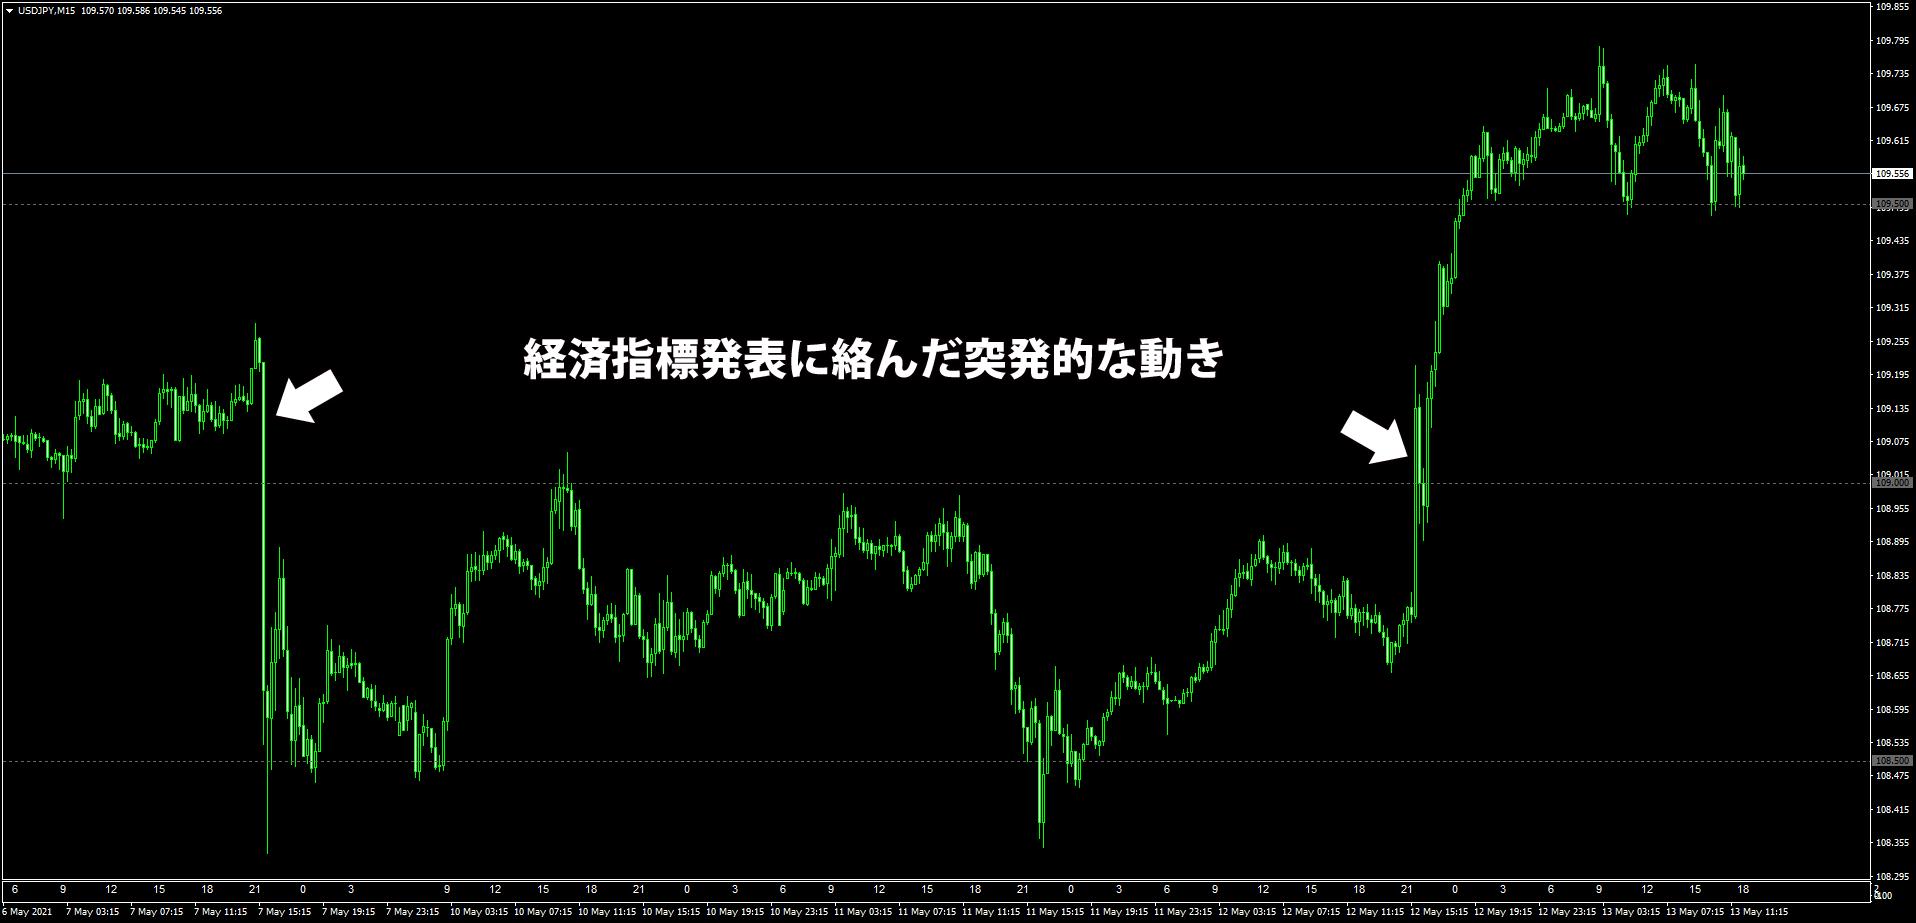 アメリカの経済指標発表で乱高下するドル円15分足